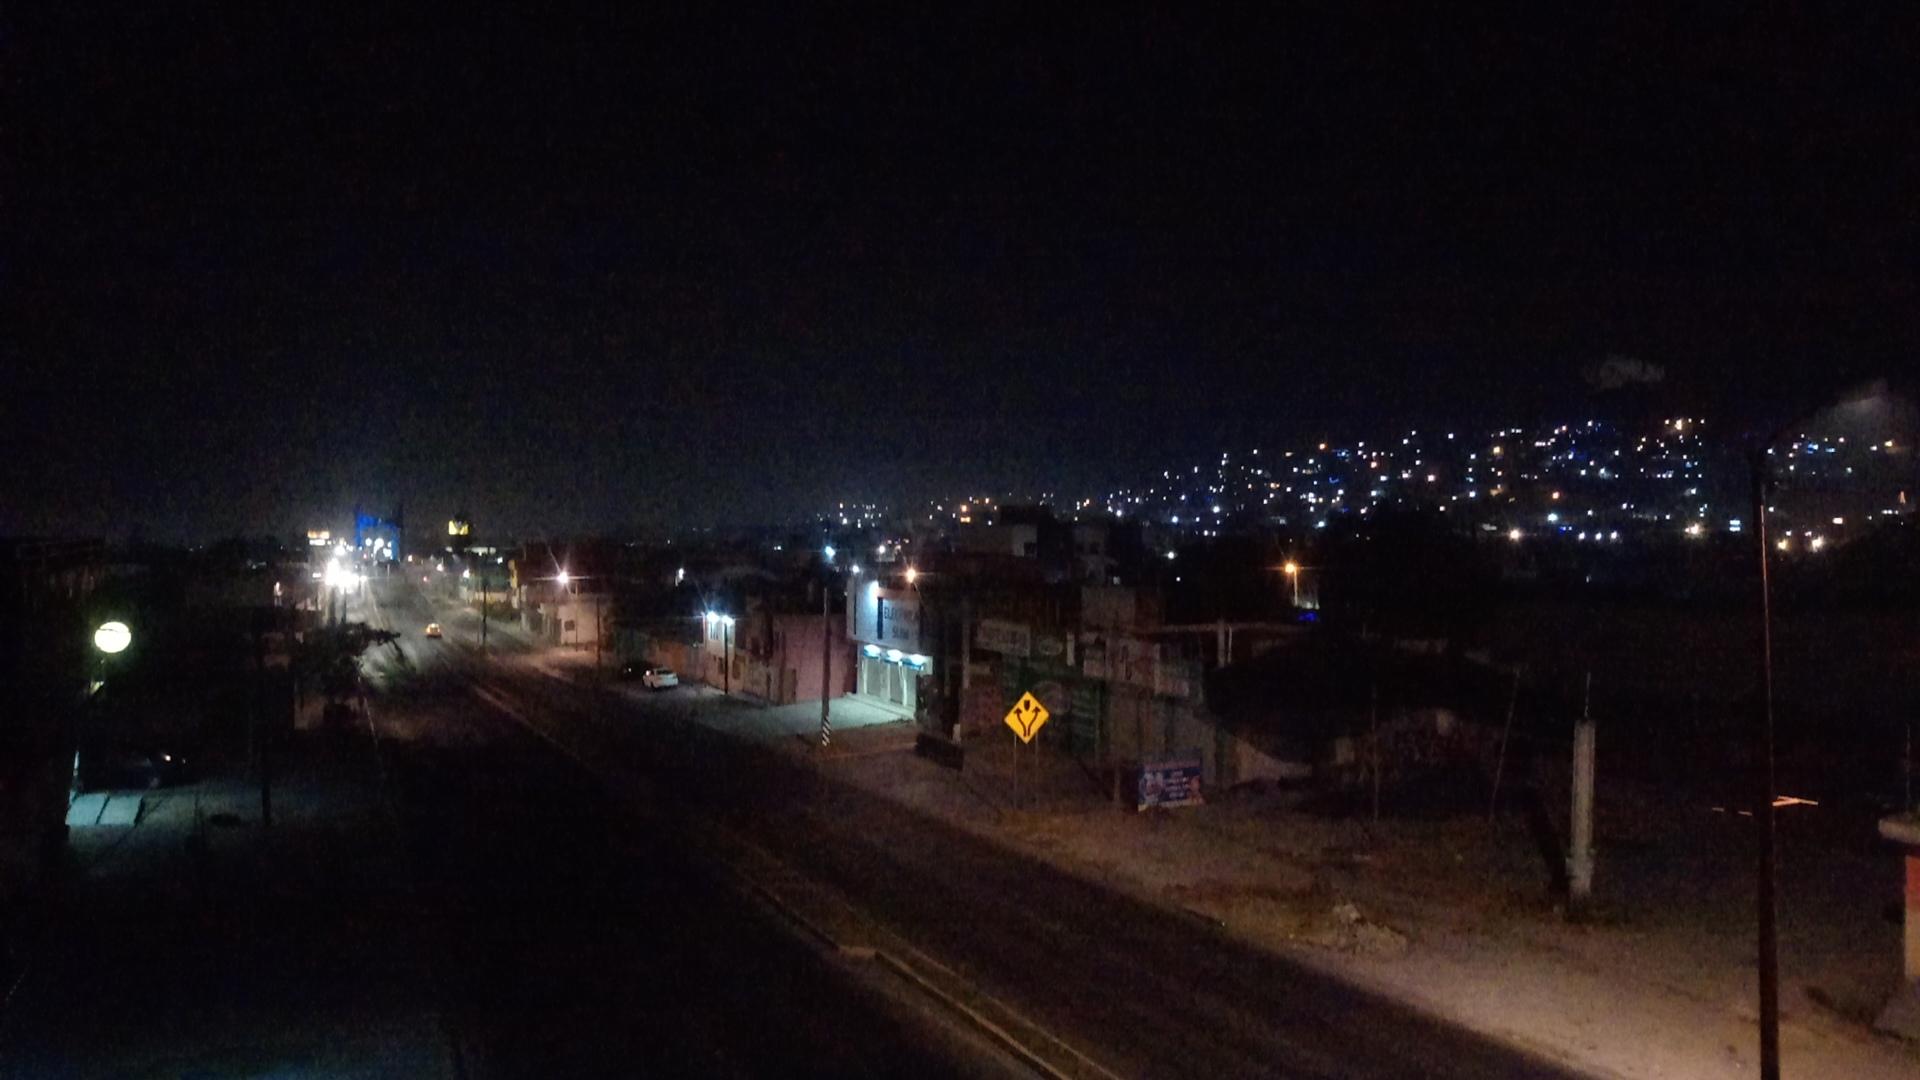 Cuidado, acechan asaltantes en moto en barrio de Tecamachalco